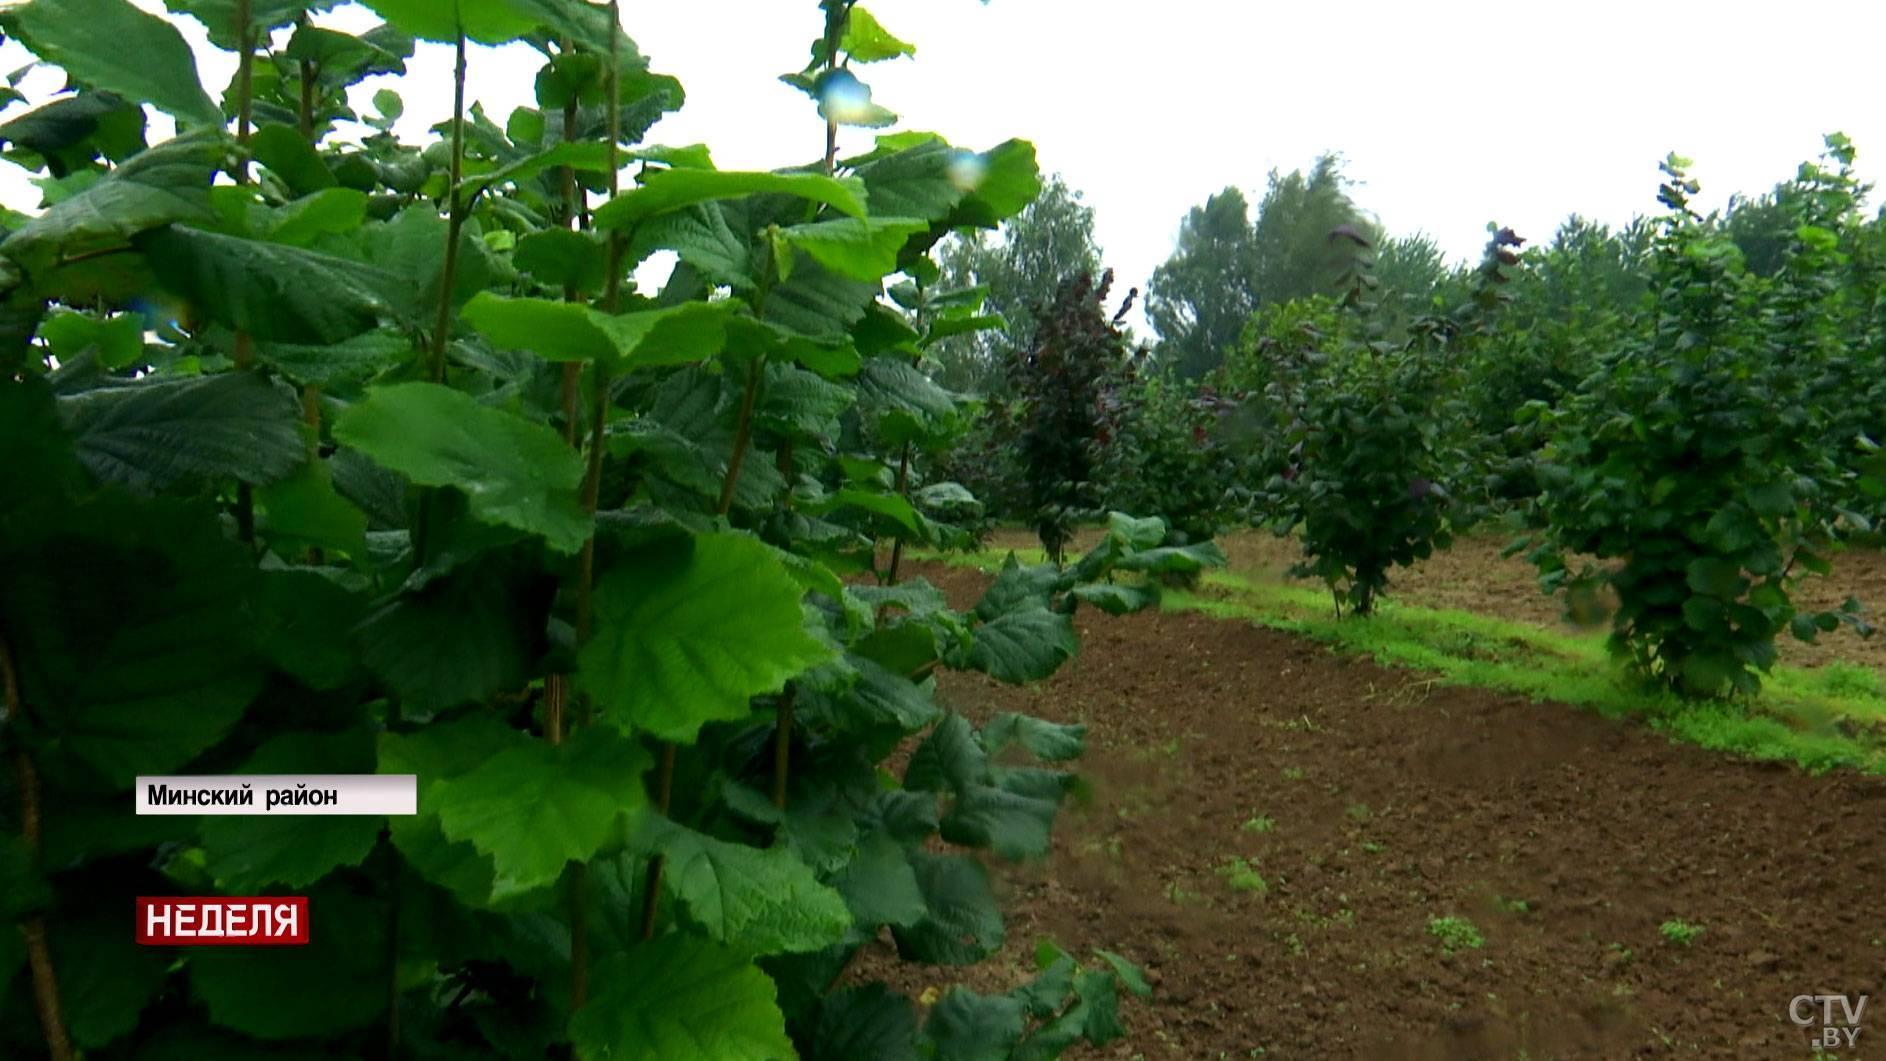 Выращивание орехов как бизнес. расчеты и советы :: businessman.ru